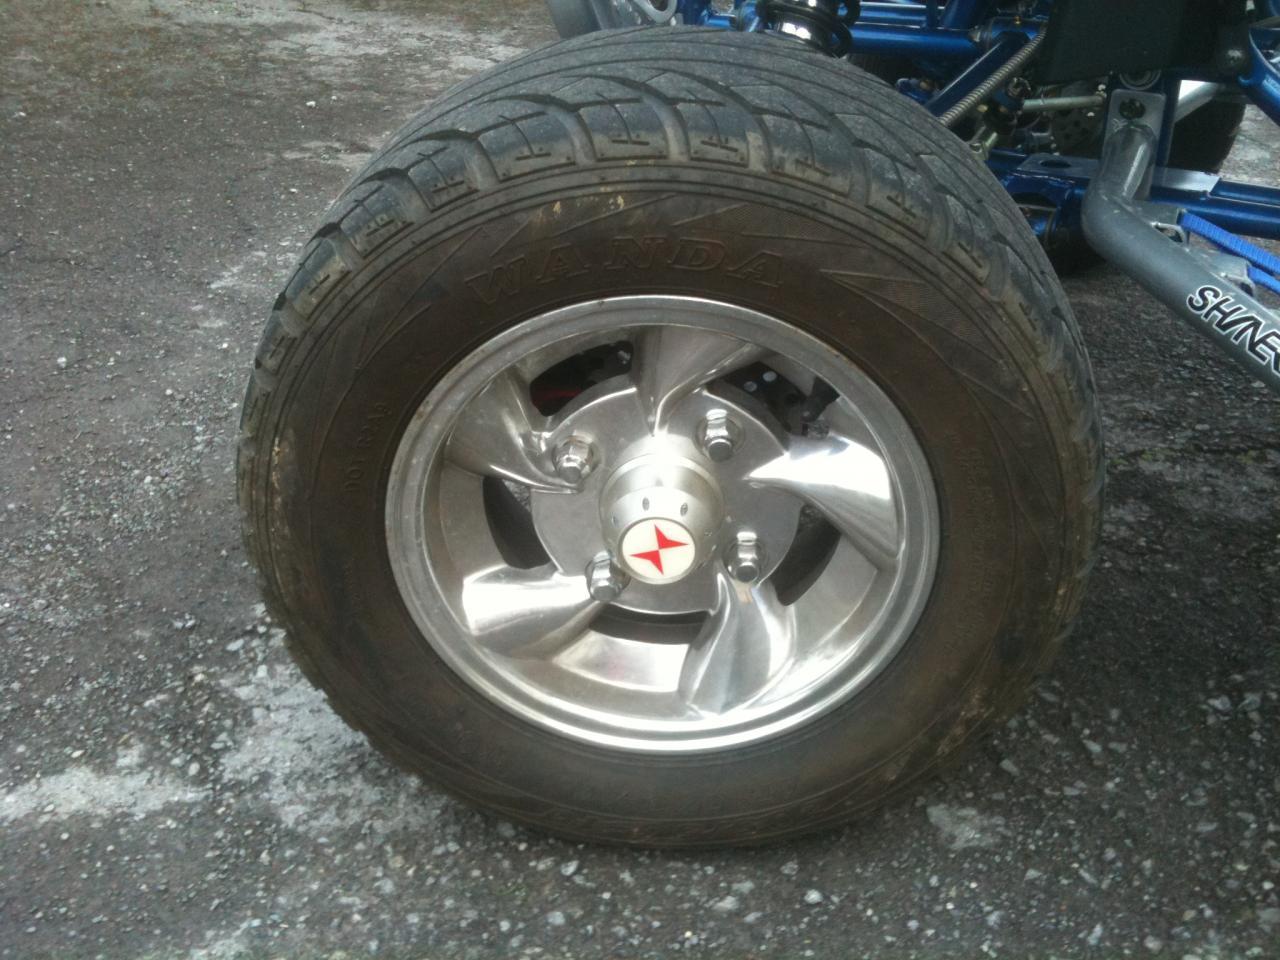 chinese quad azerty57 st9e changement pneu avant mais introuvable. Black Bedroom Furniture Sets. Home Design Ideas